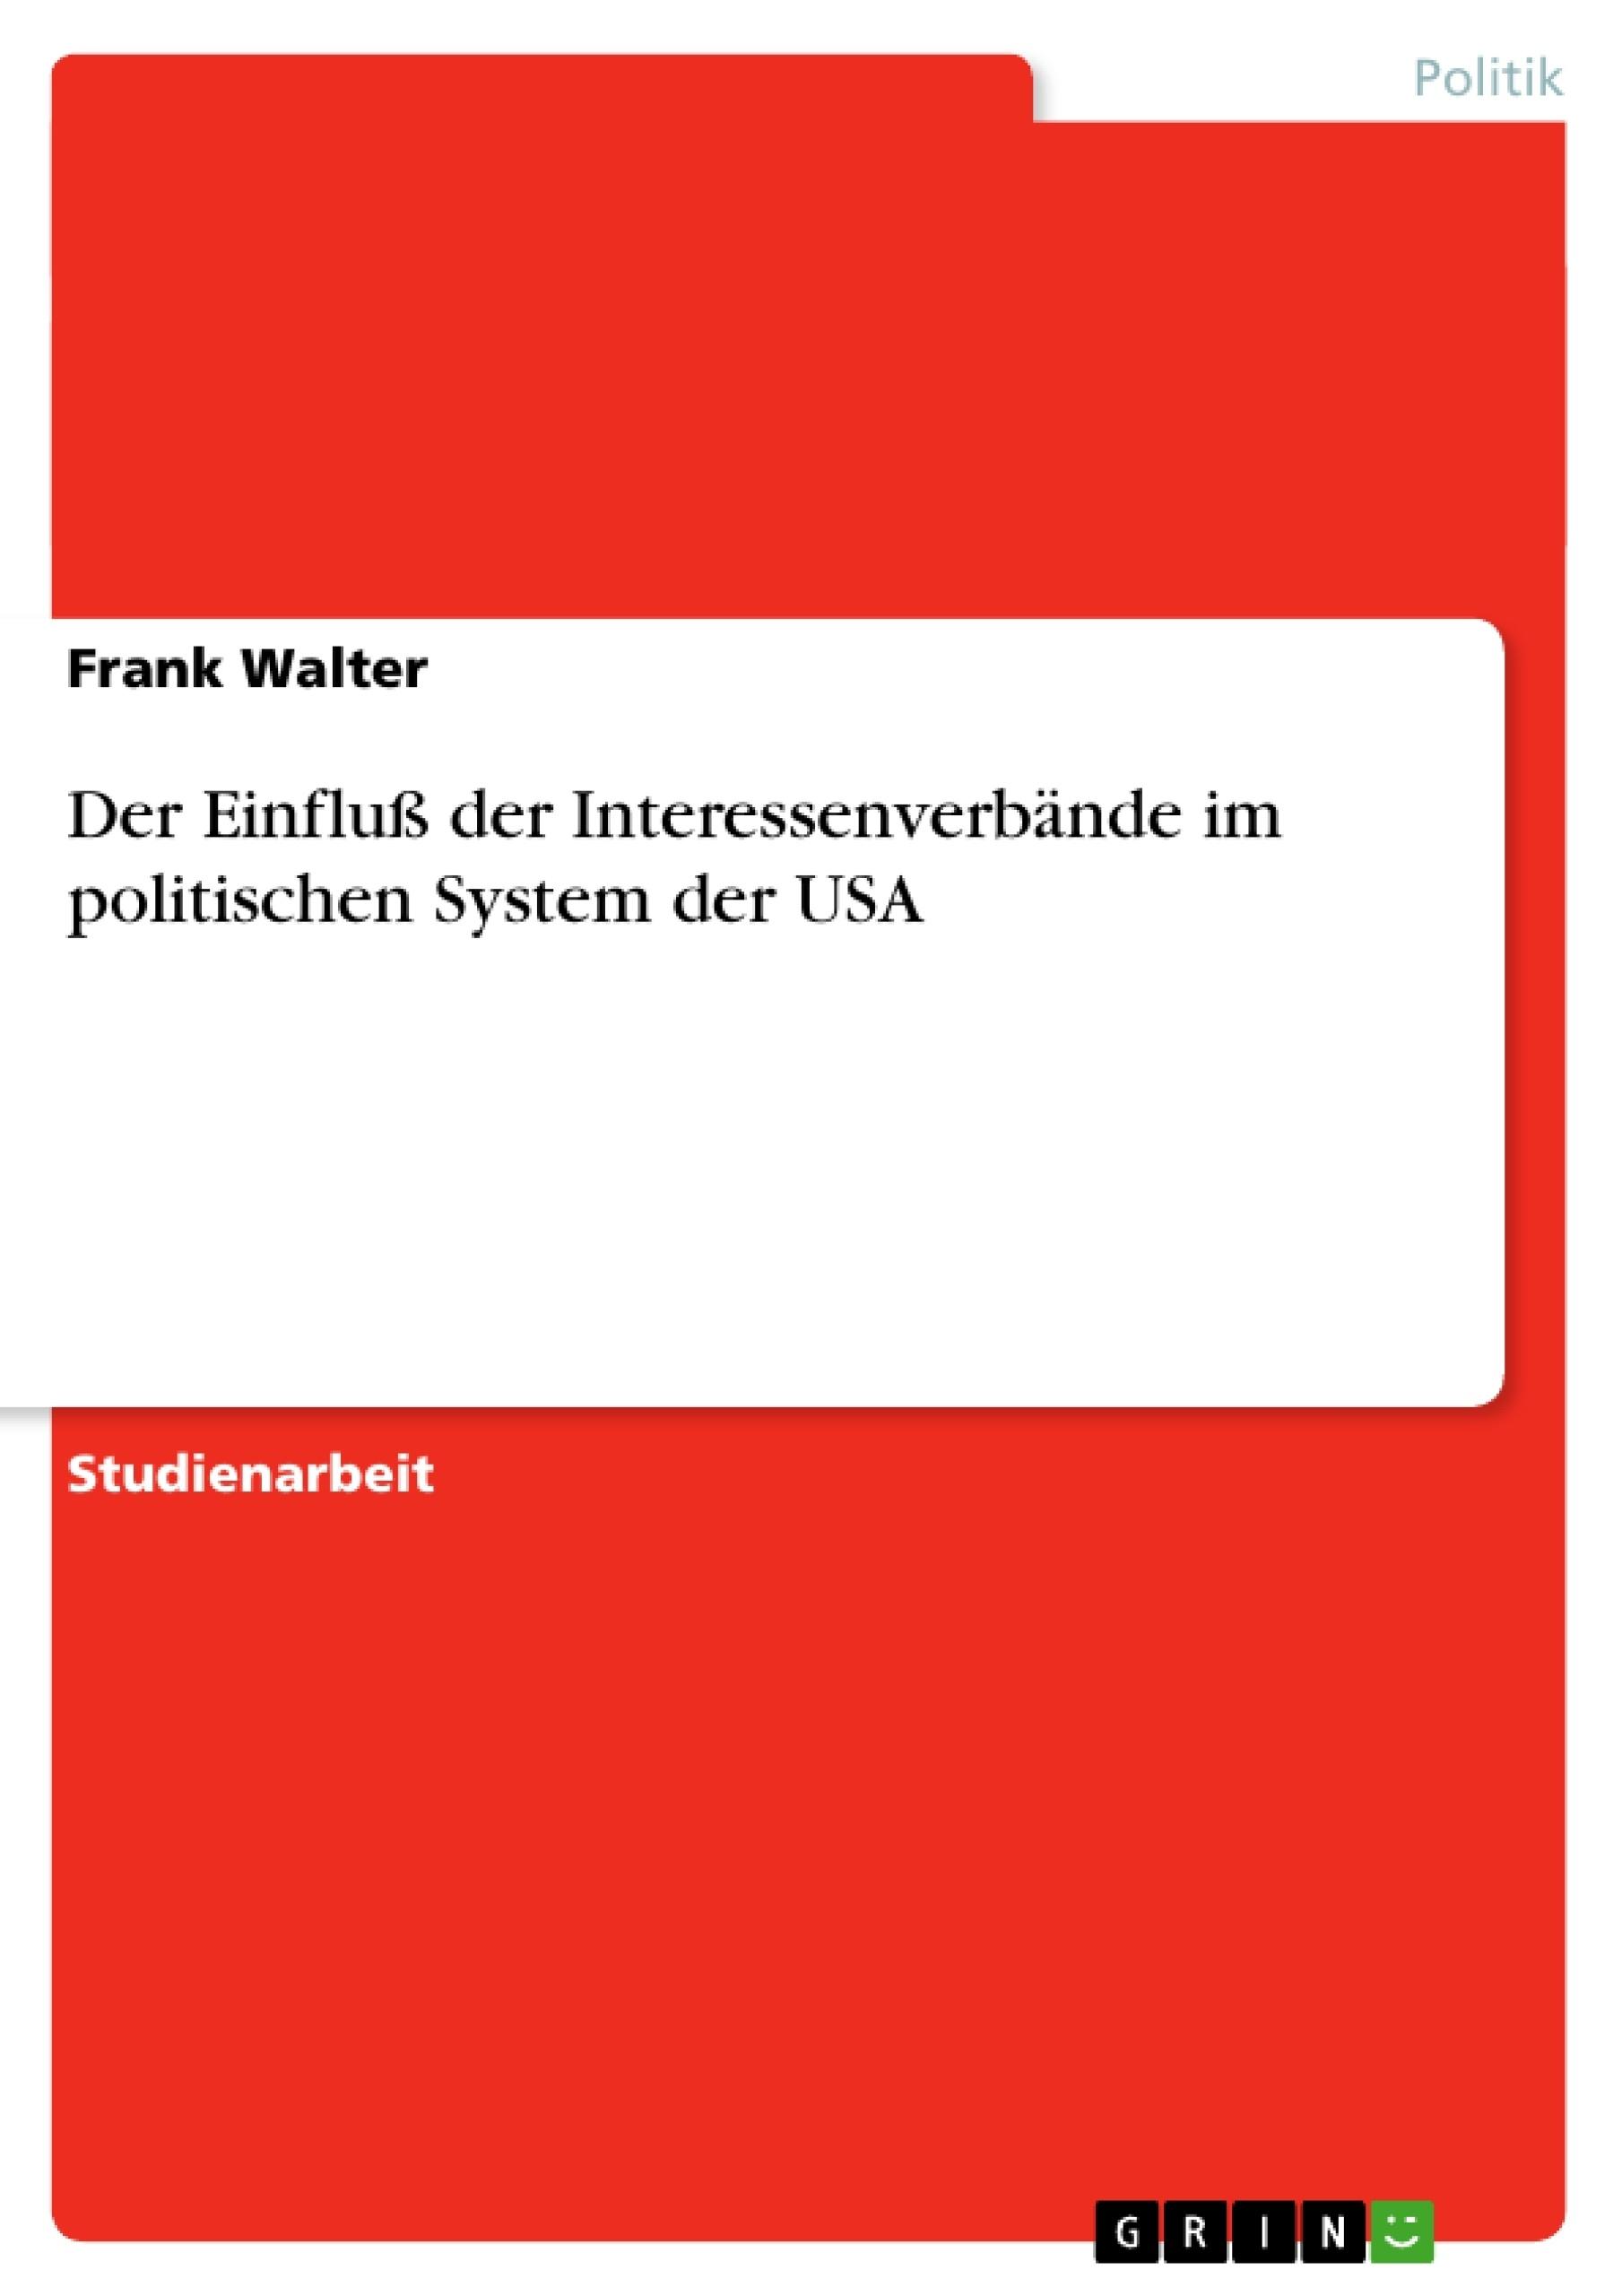 Titel: Der Einfluß der Interessenverbände im politischen System der USA